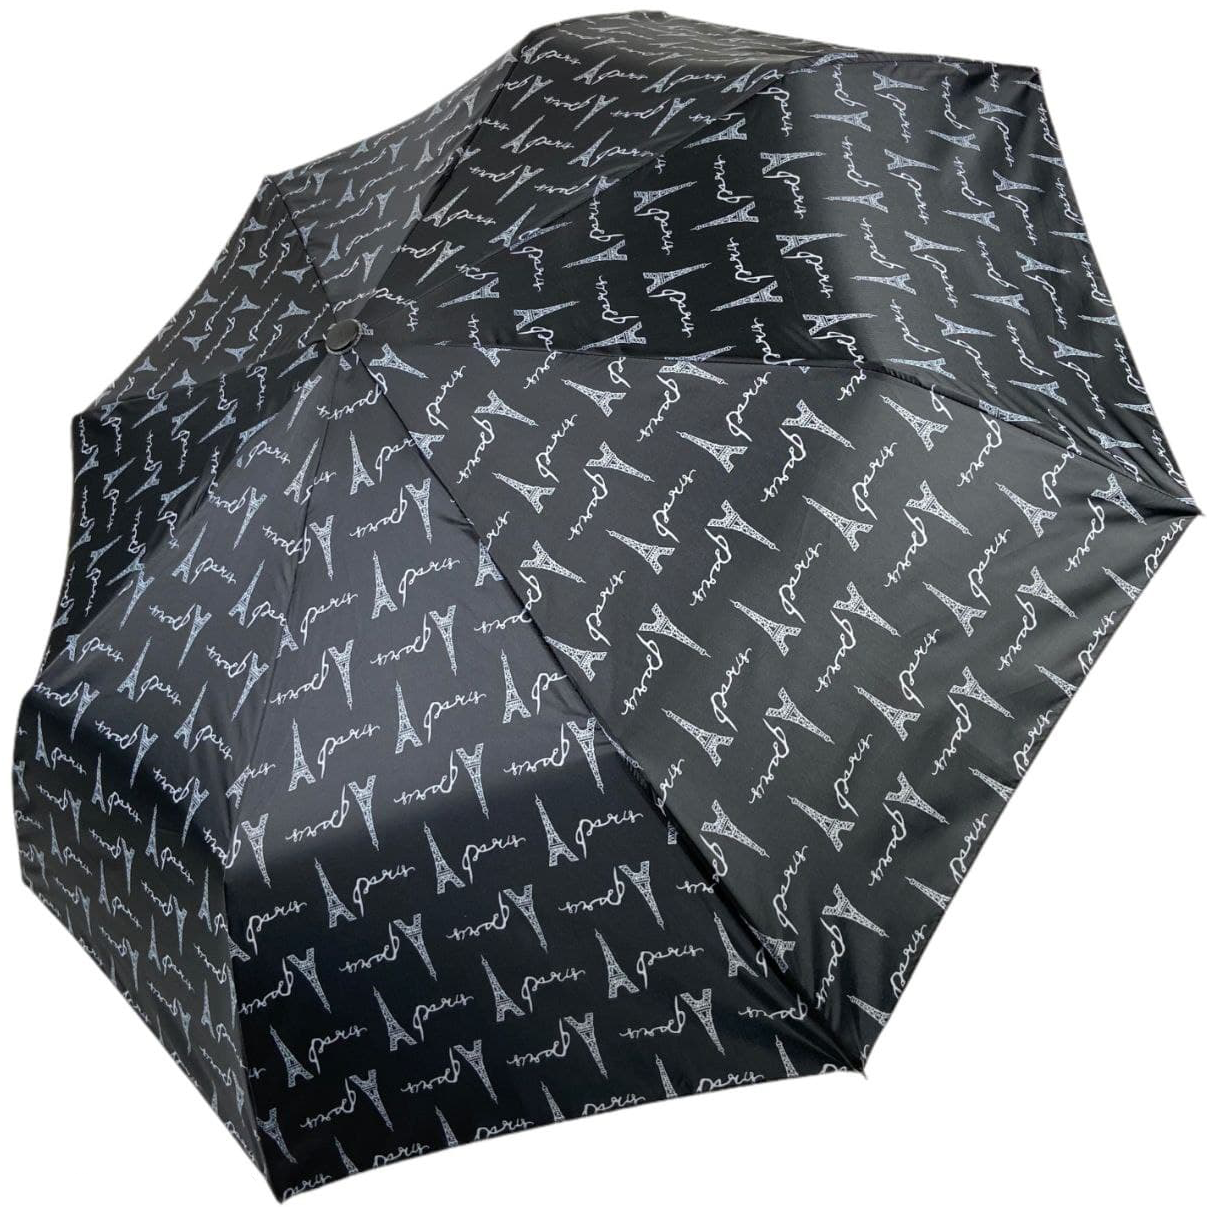 Женский полуавтоматический зонтик SL на 8 спиц с цветочным принтом, 310Е-6